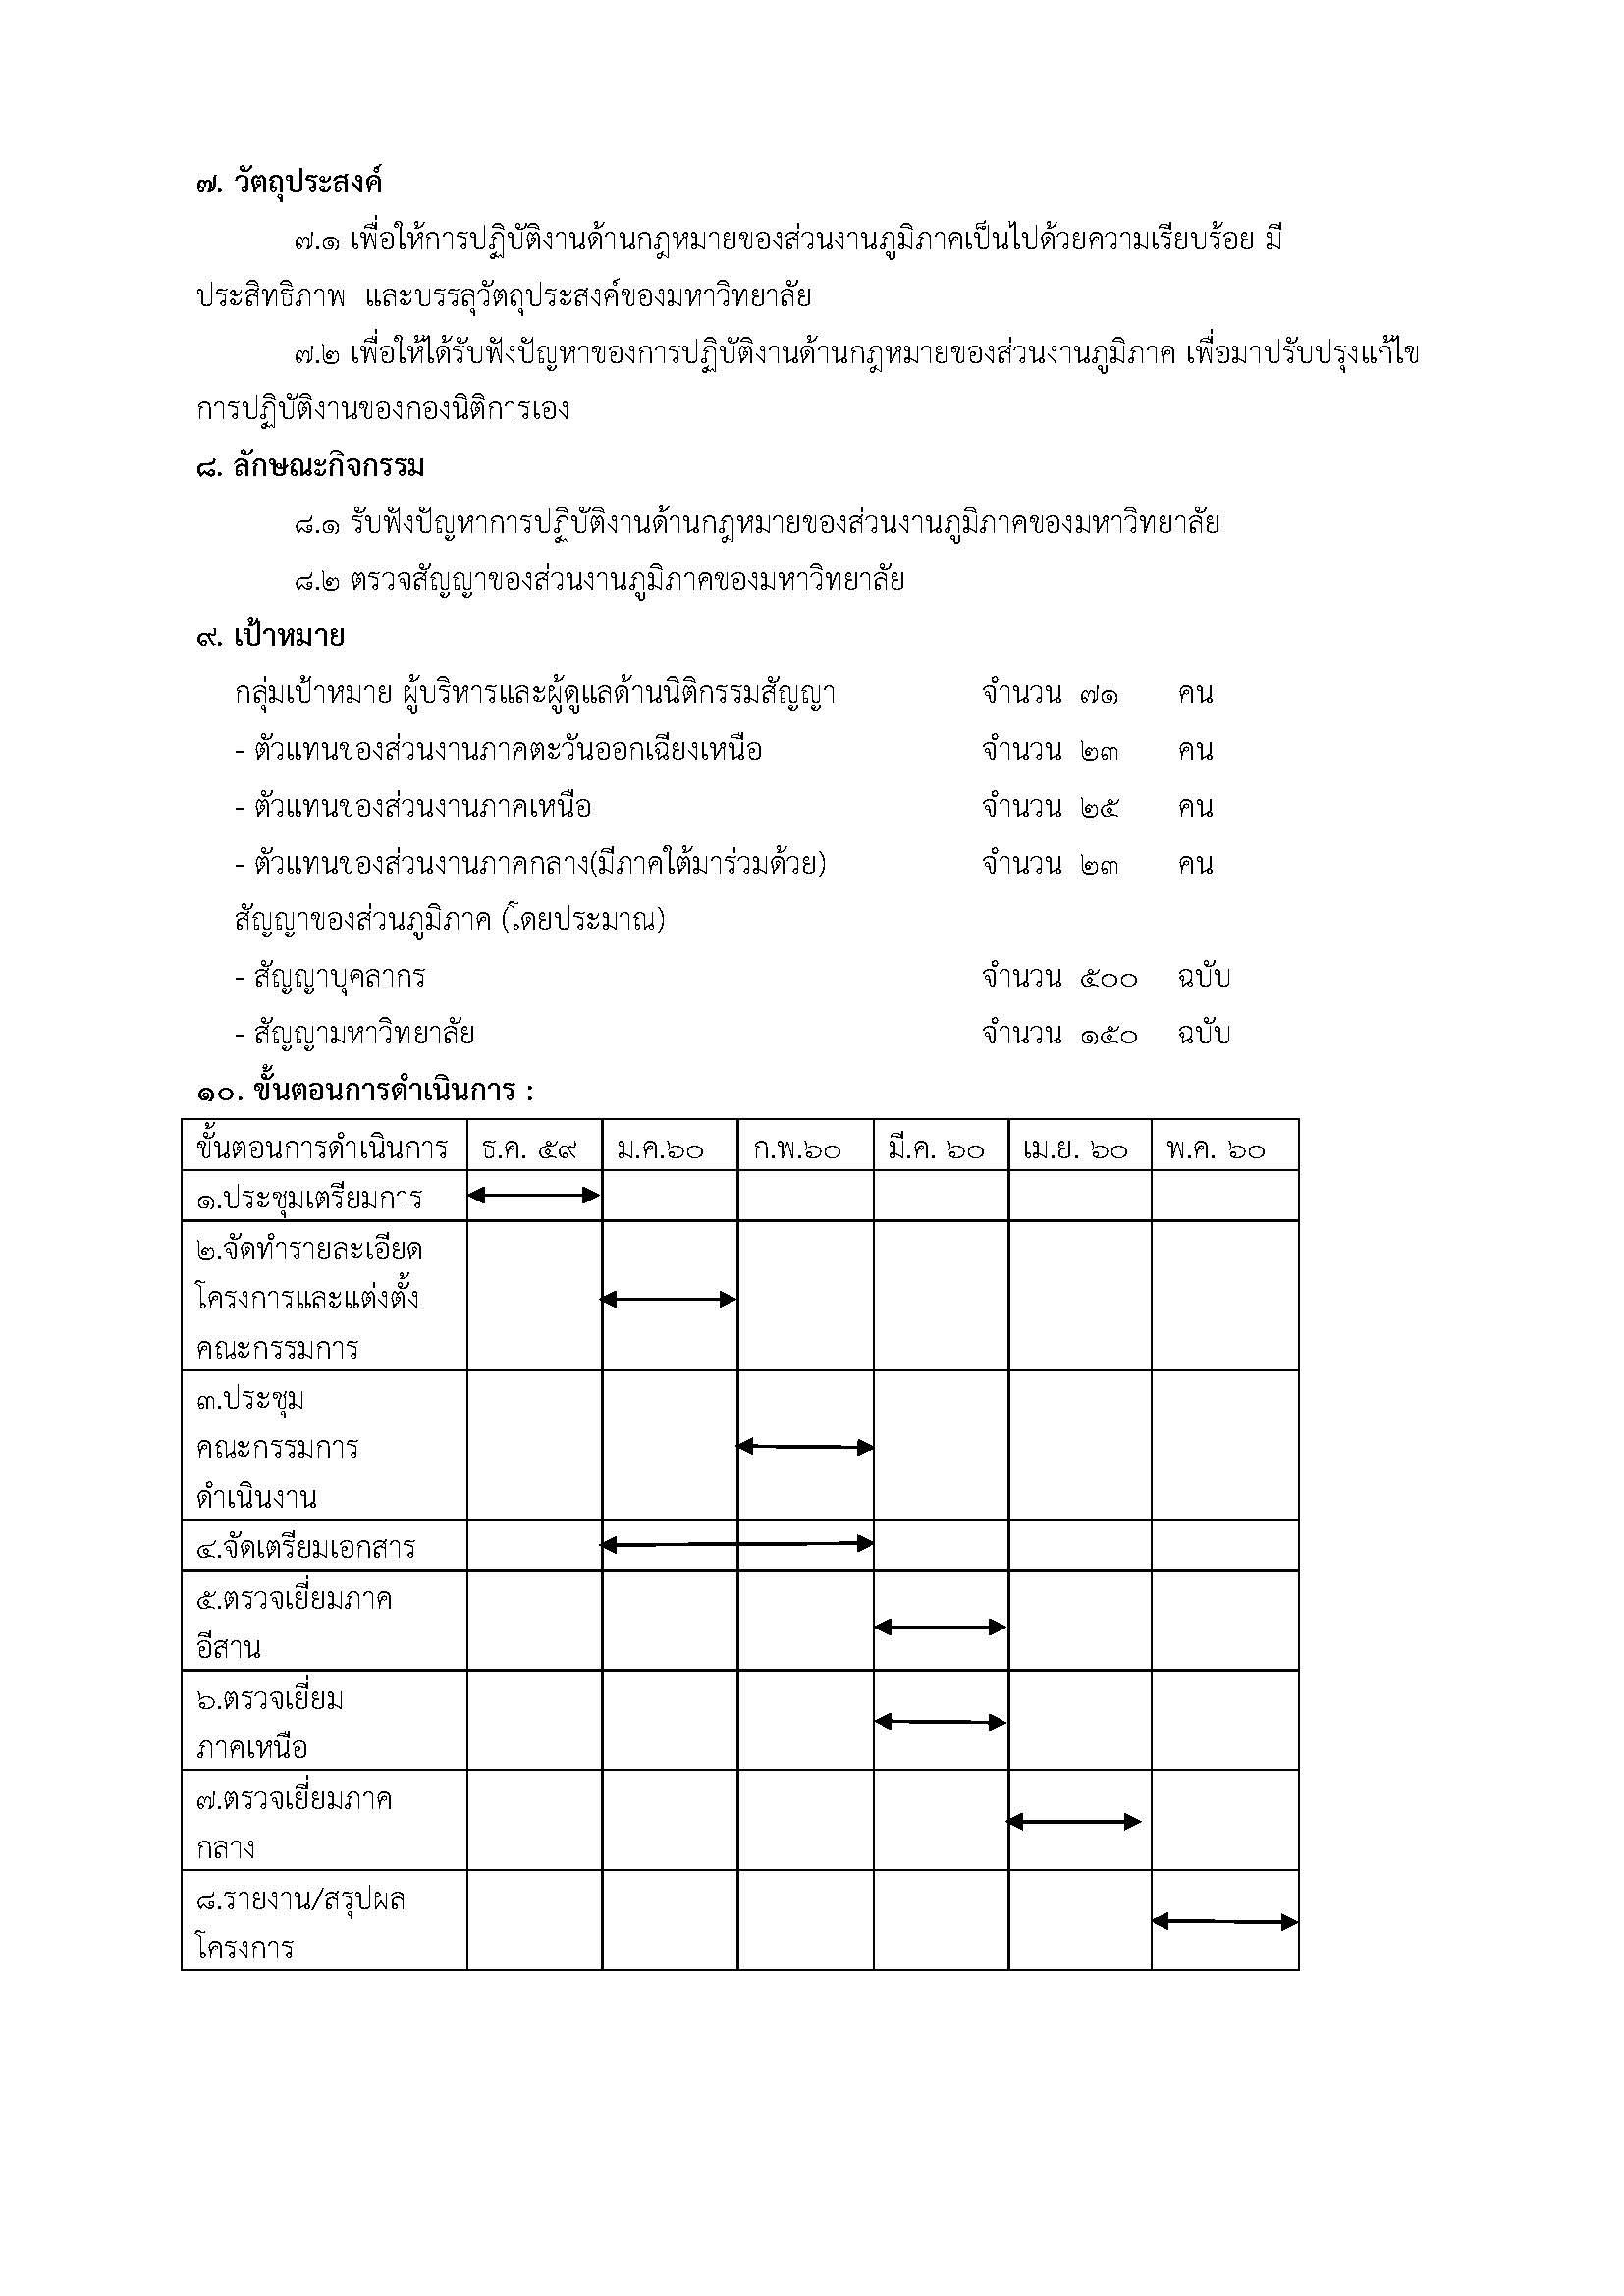 ร่างโครงการตรวจงานกองนิติการในส่วนภูมิภาค_Page_2